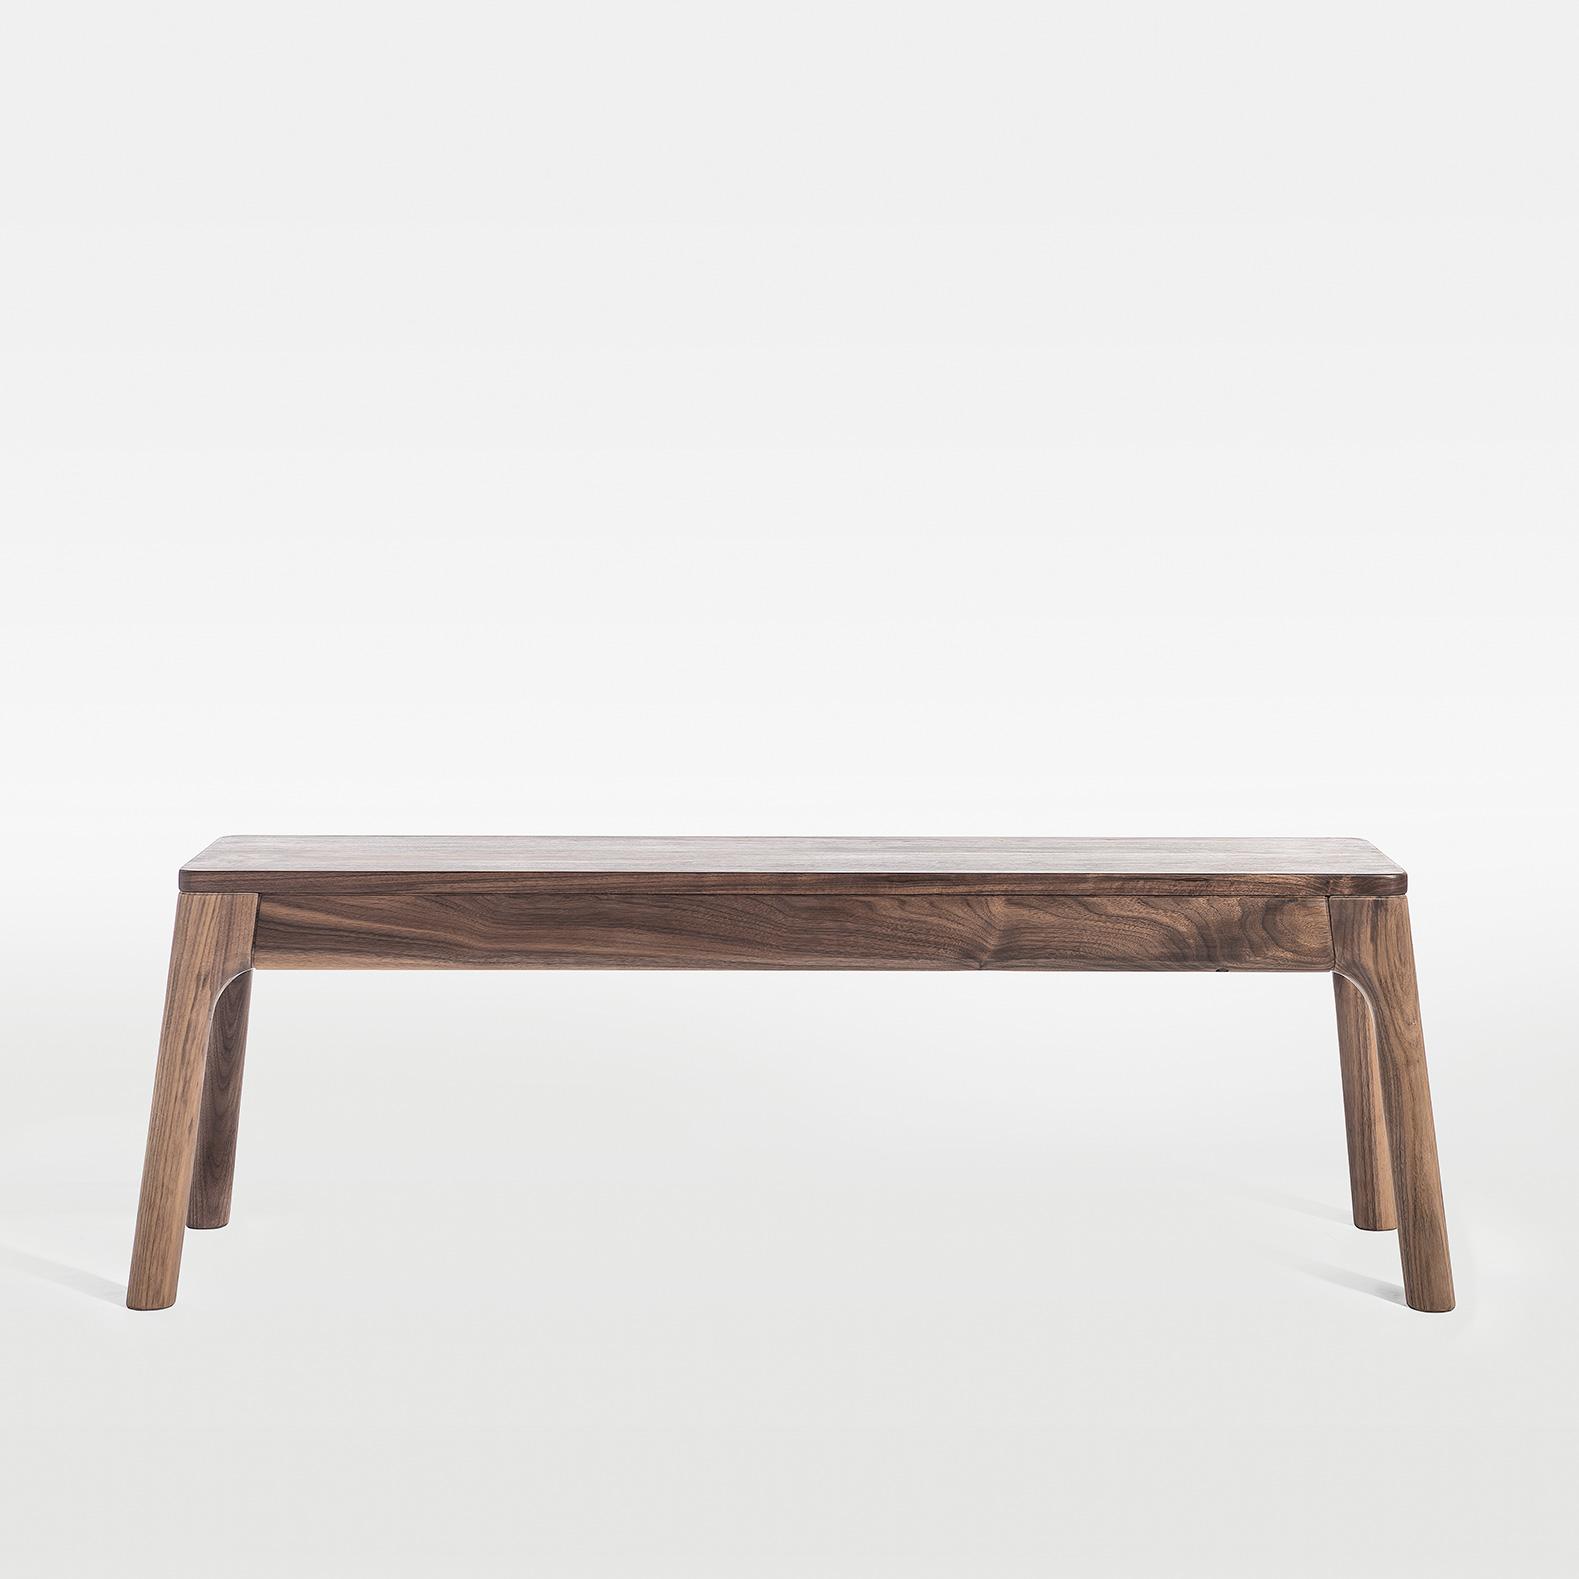 及木 北欧简约 榉木白橡黑胡桃 全实木换鞋长条凳餐厅长凳子YZ040